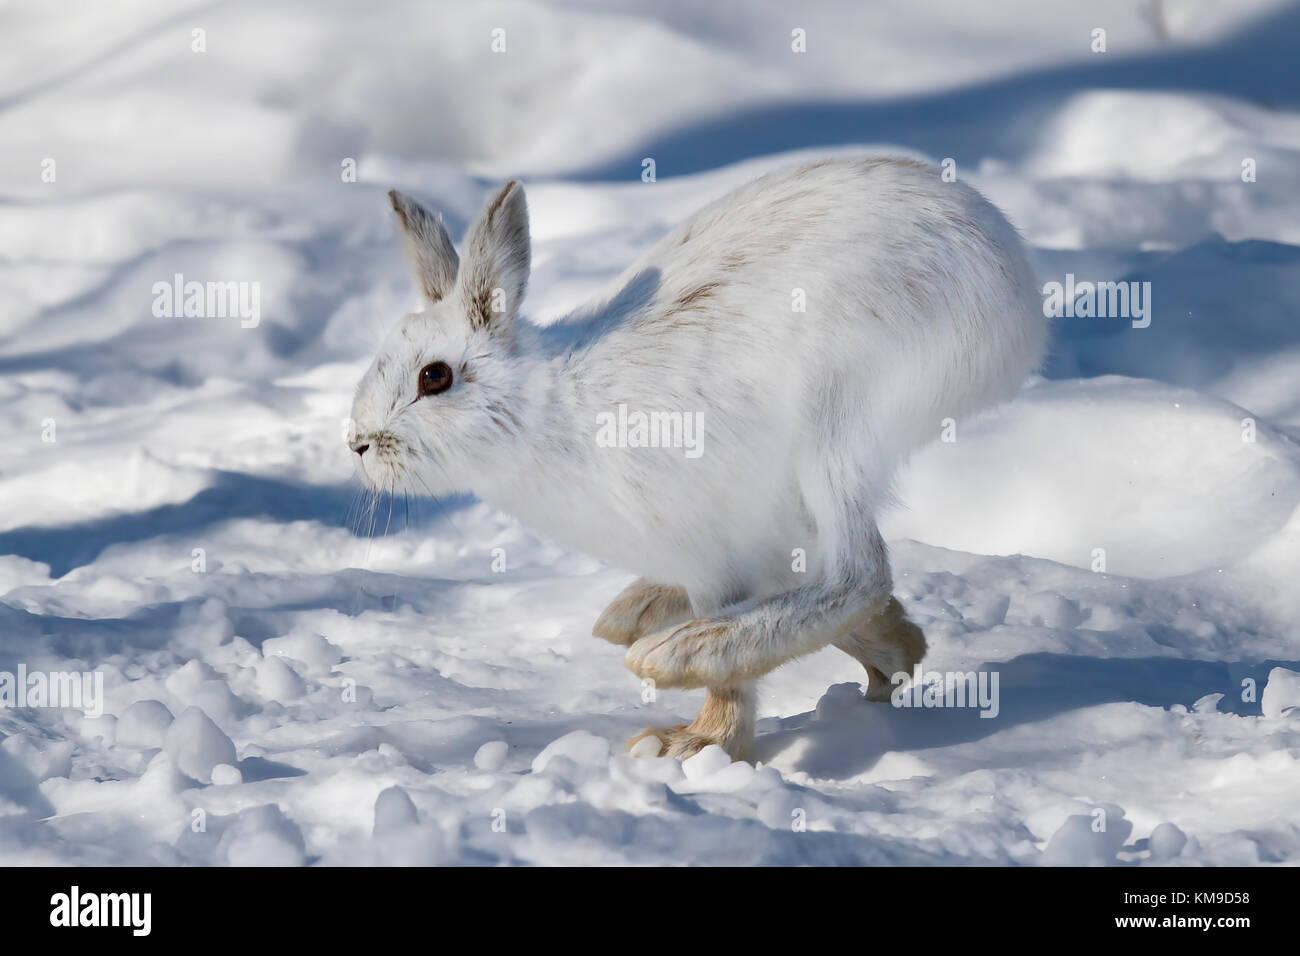 Le lièvre ou diverses espèces de lièvre (Lepus americanus) fonctionnant dans la neige de l'hiver Photo Stock